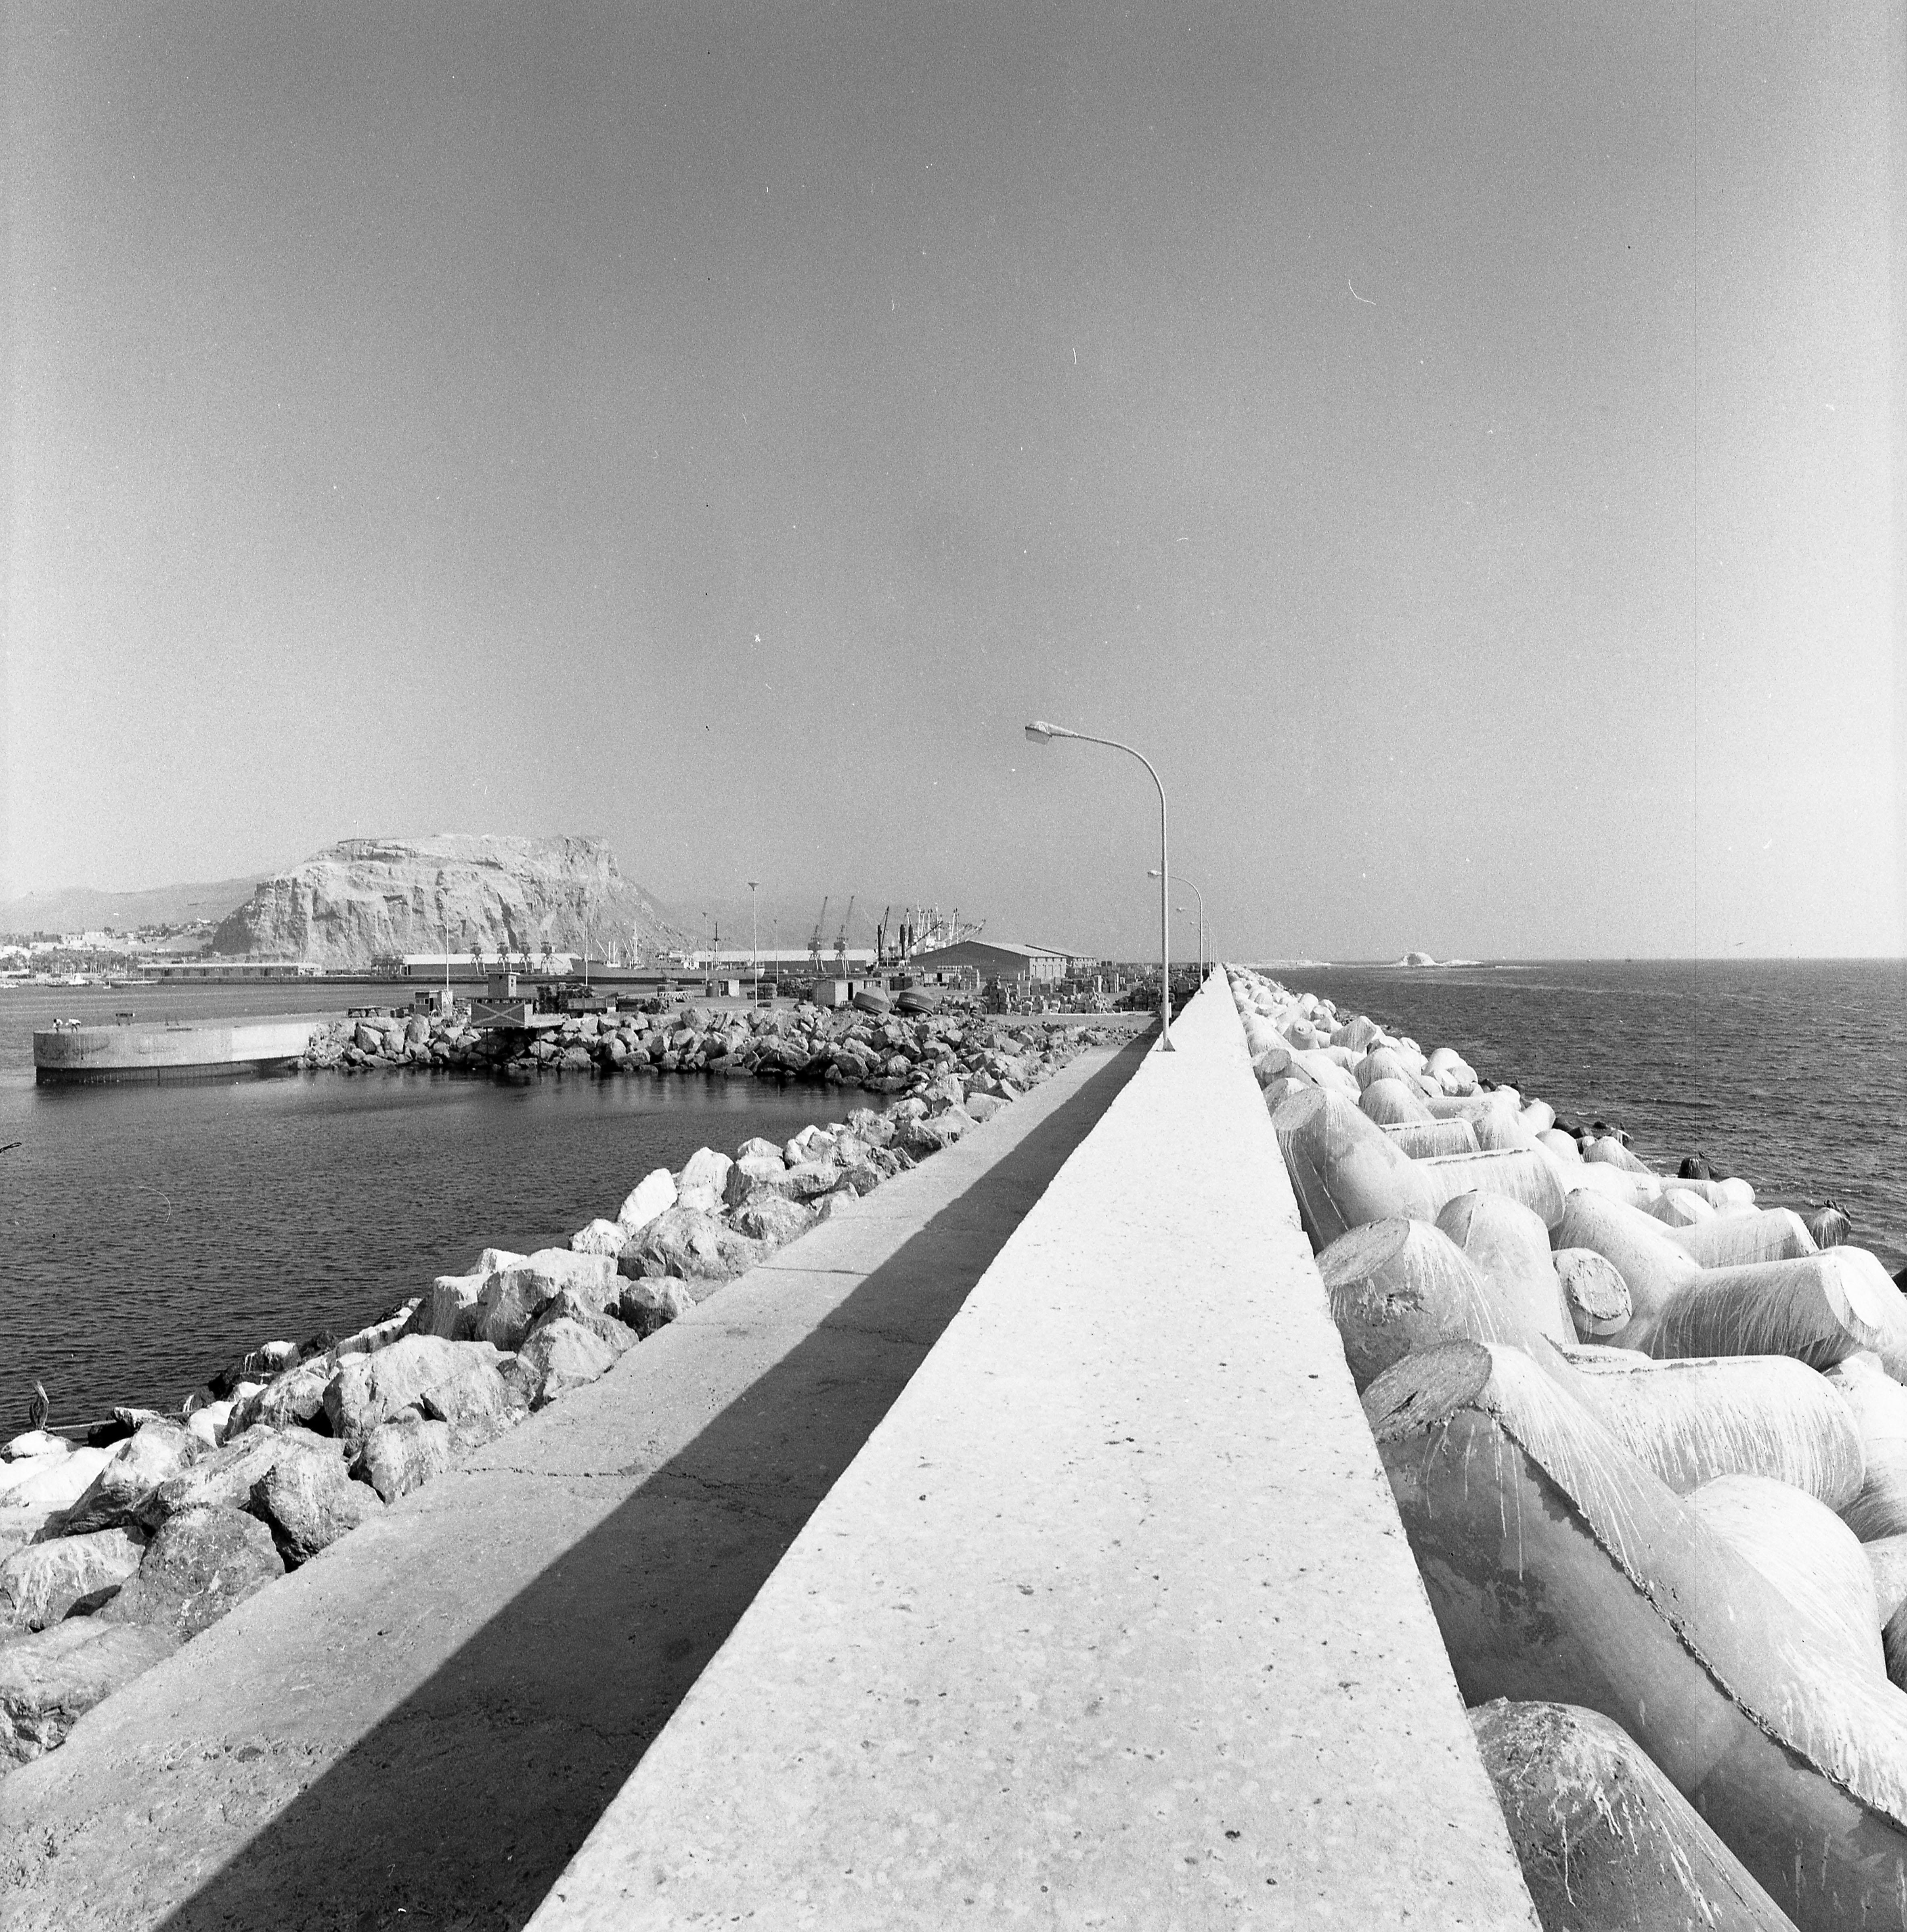 Enterreno - Fotos históricas de chile - fotos antiguas de Chile - Puerto Arica-Tetrápodos en 1969